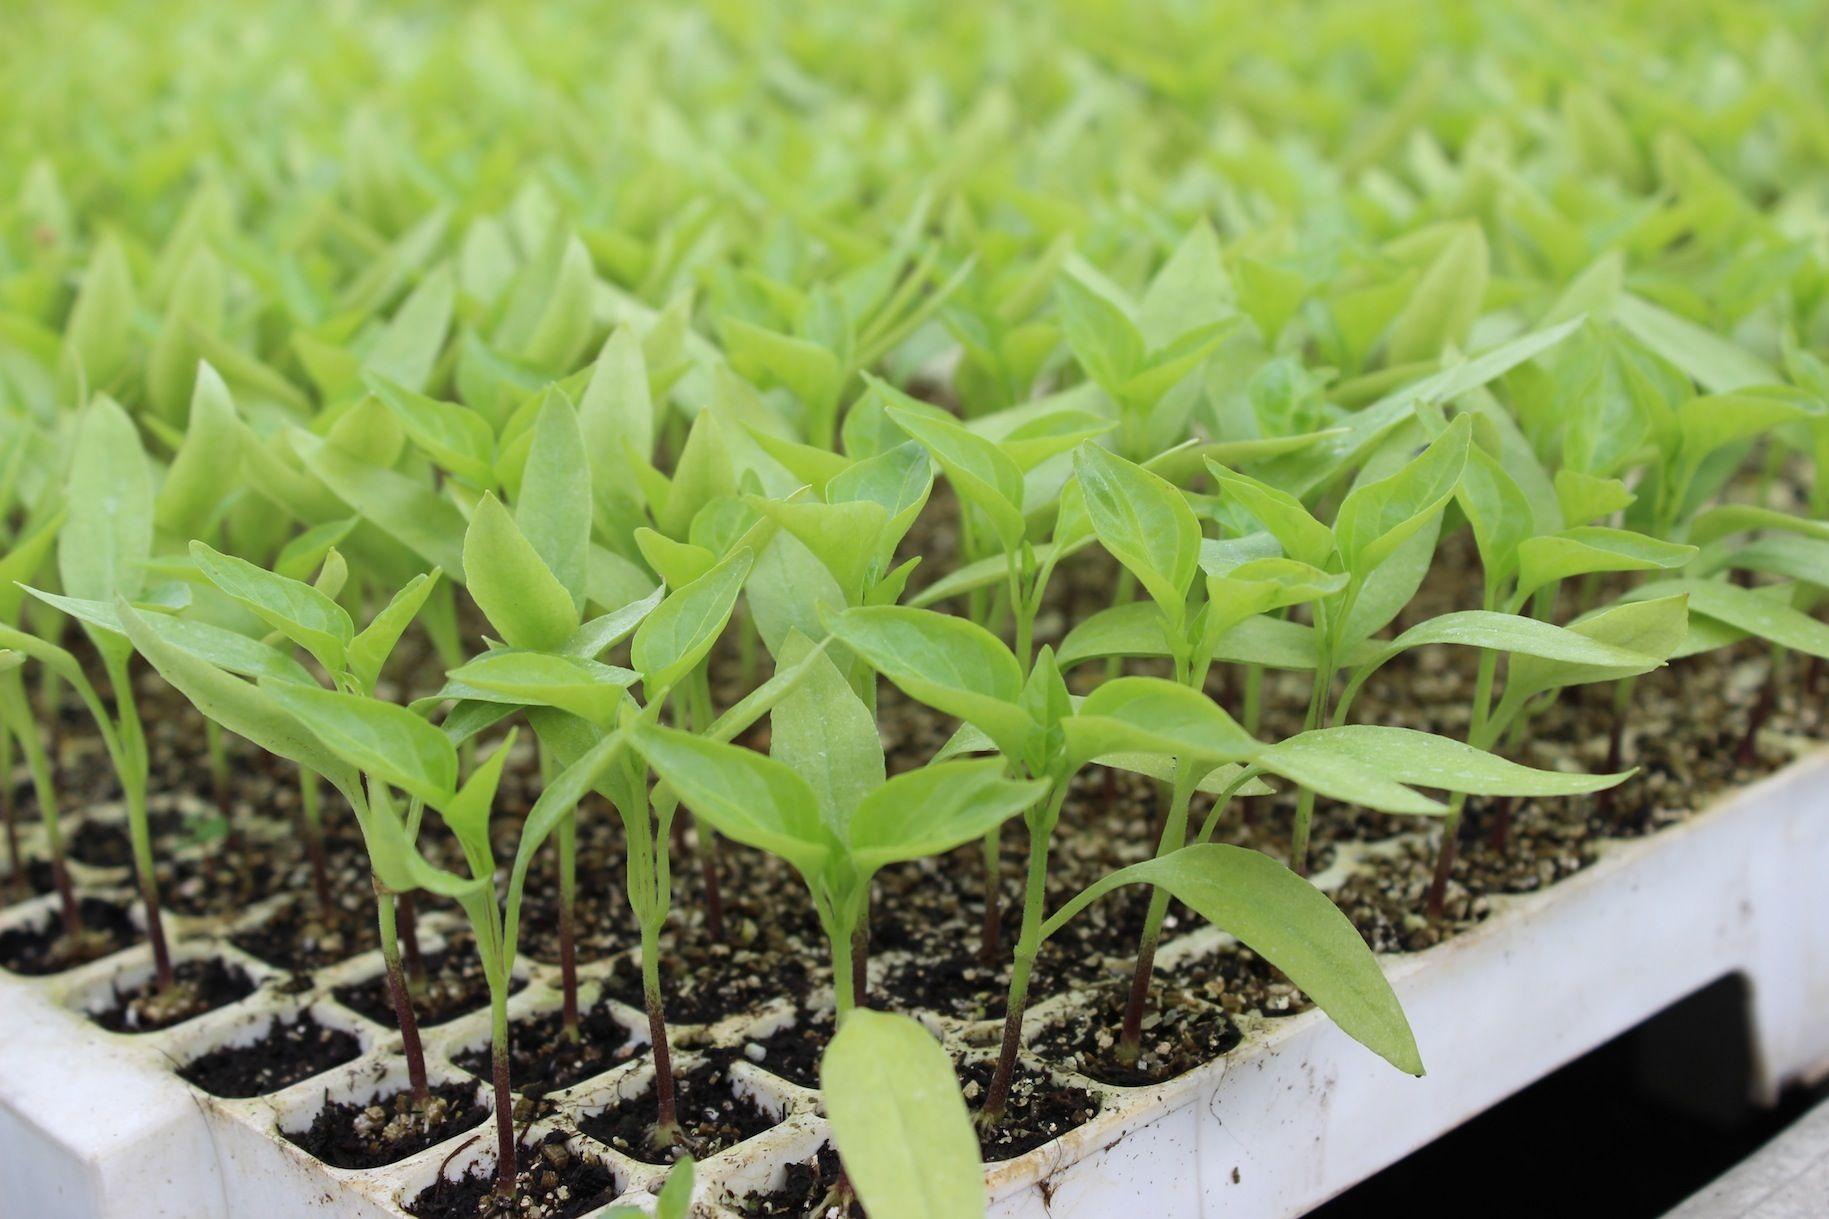 #Peperoni #scharfePflänzchen #Gemüsejungpflanzen #Gärtnern #Balkongenüsse